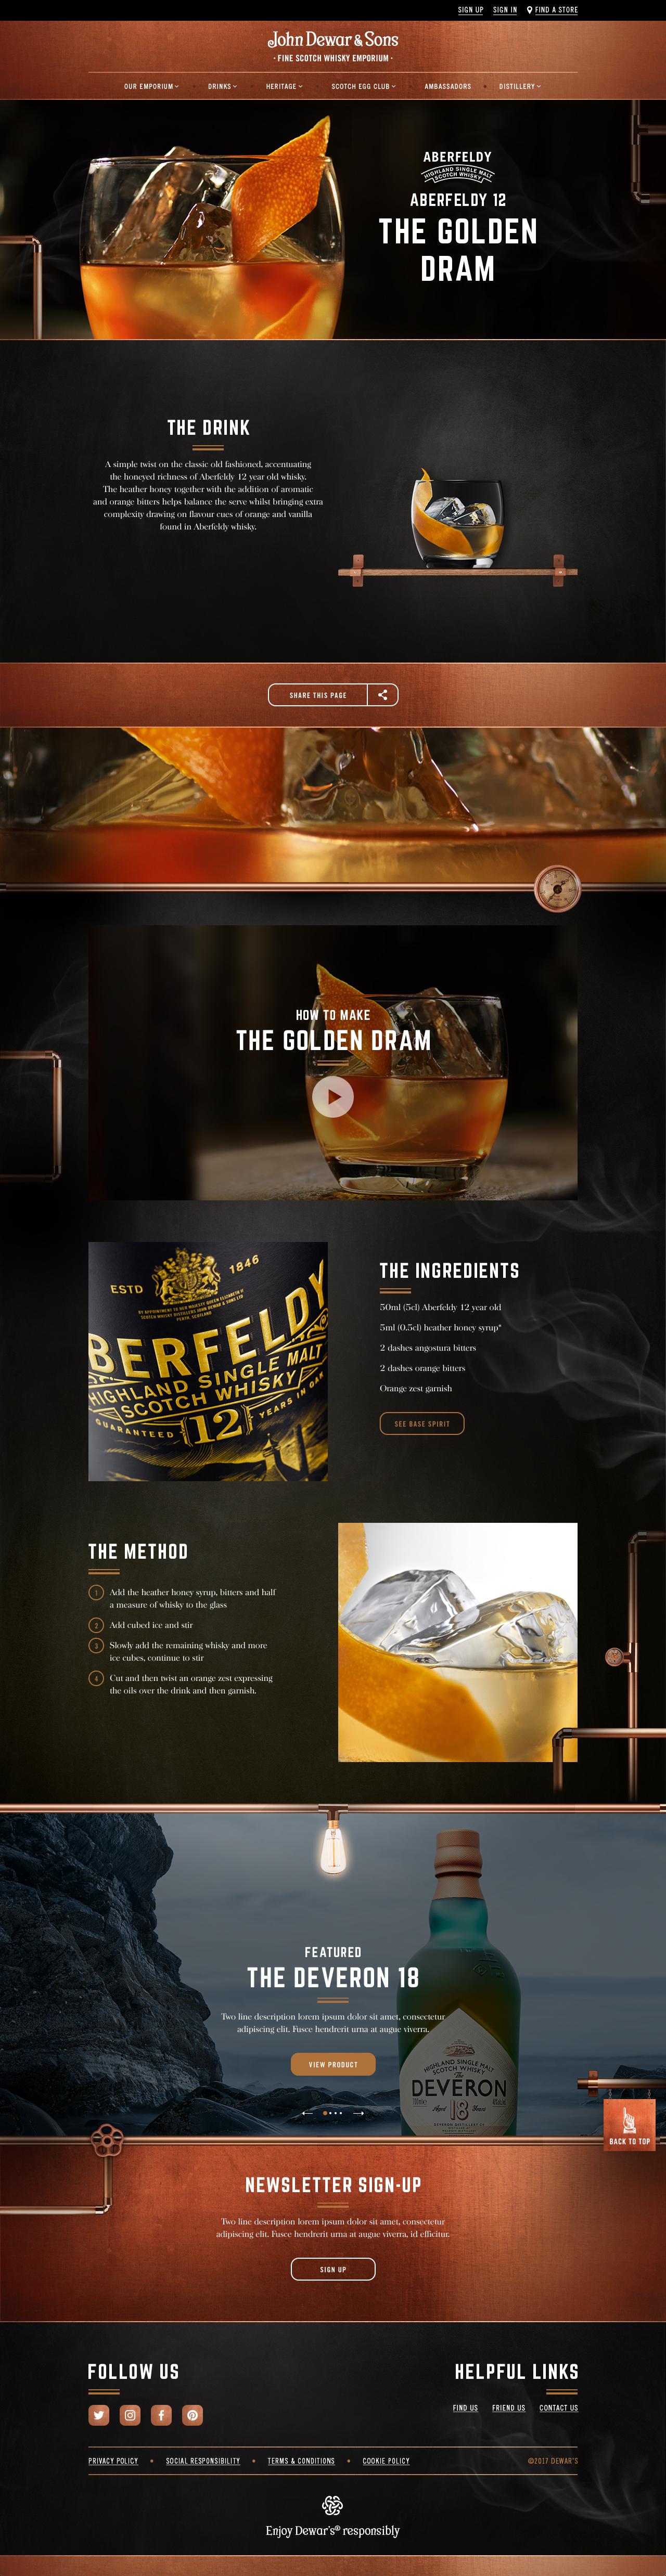 dewars-cocktail